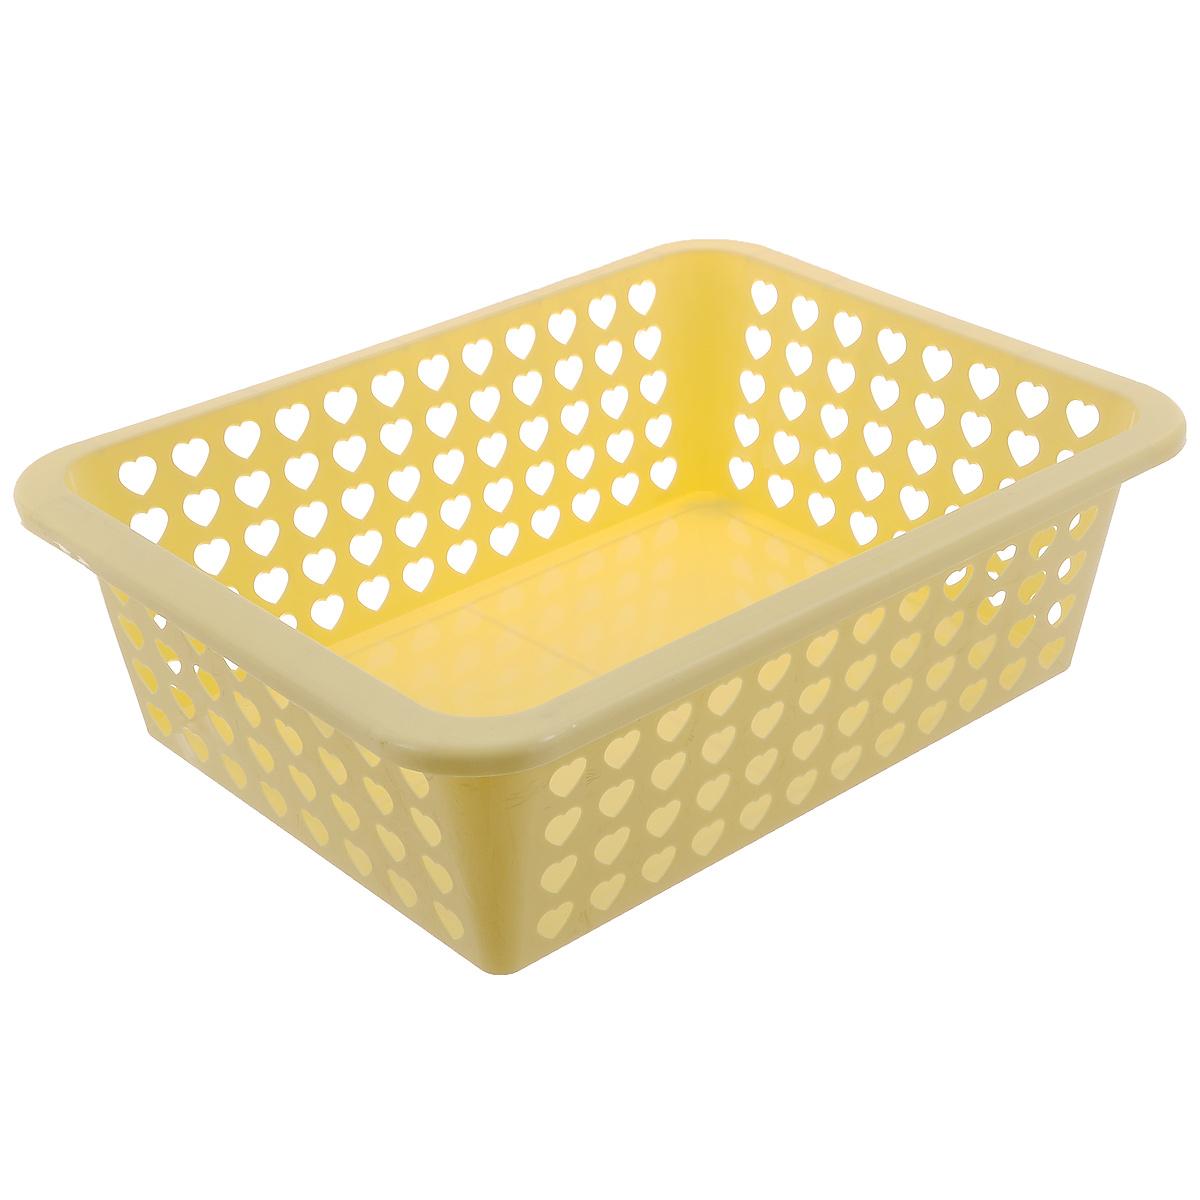 Корзина Альтернатива Вдохновение, цвет: желтый, 39,5 х 29,7 х 12 см587074Корзина Альтернатива Вдохновение выполнена из пластика и оформлена перфорацией в виде сердечек. Изделие имеет сплошное дно и жесткую кромку. Корзина предназначена для хранения мелочей в ванной, на кухне, на даче или в гараже. Позволяет хранить мелкие вещи, исключая возможность их потери.